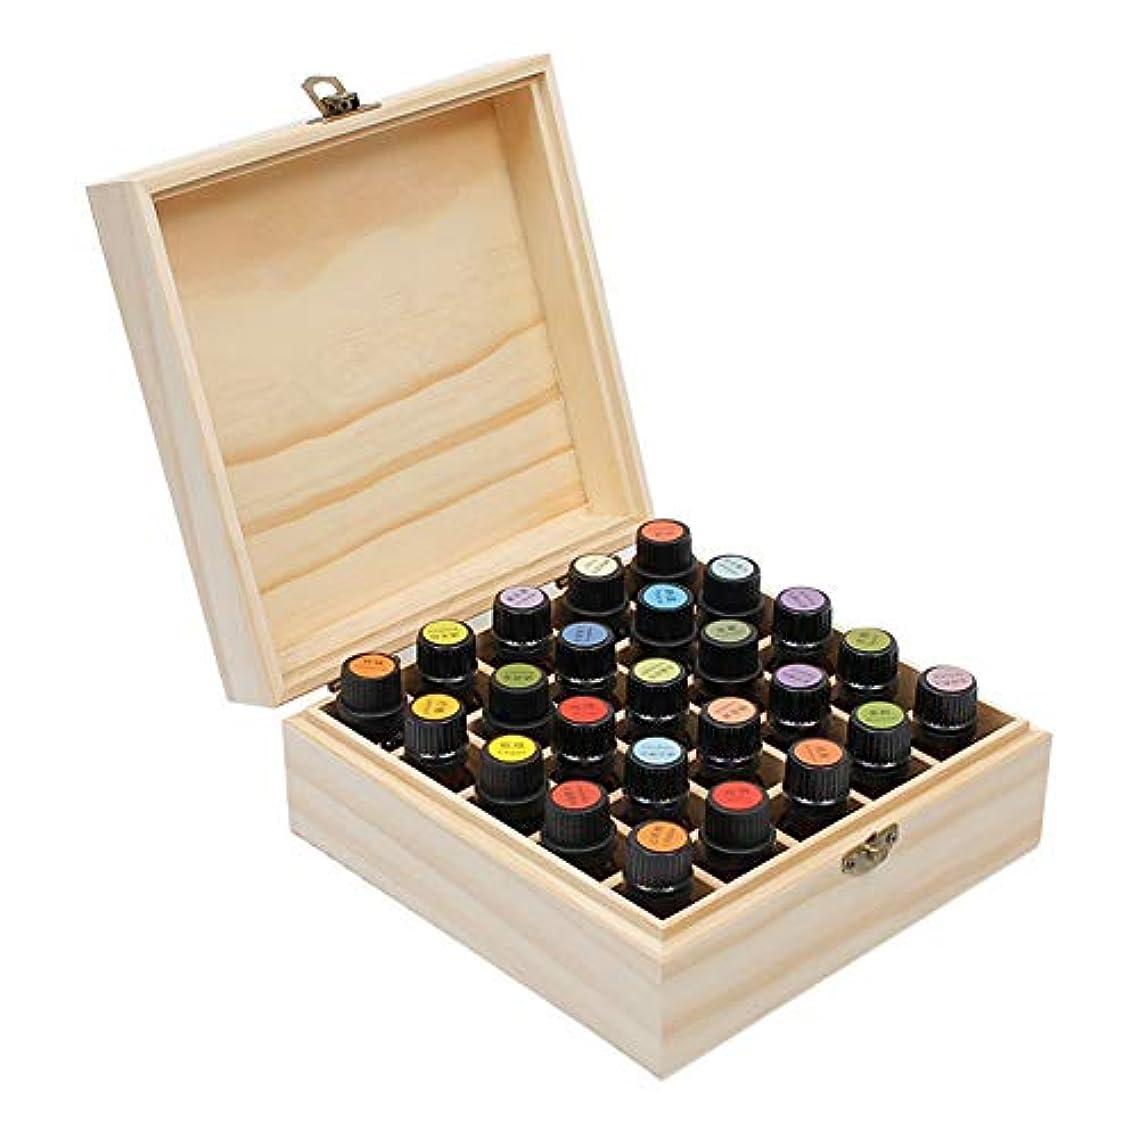 に応じてユーモア句エッセンシャルオイル収納ボックス 25本用 木製エッセンシャルオイルボックス メイクポーチ 精油収納ケース 携帯用 自然ウッド精油収納ボックス 香水収納ケース